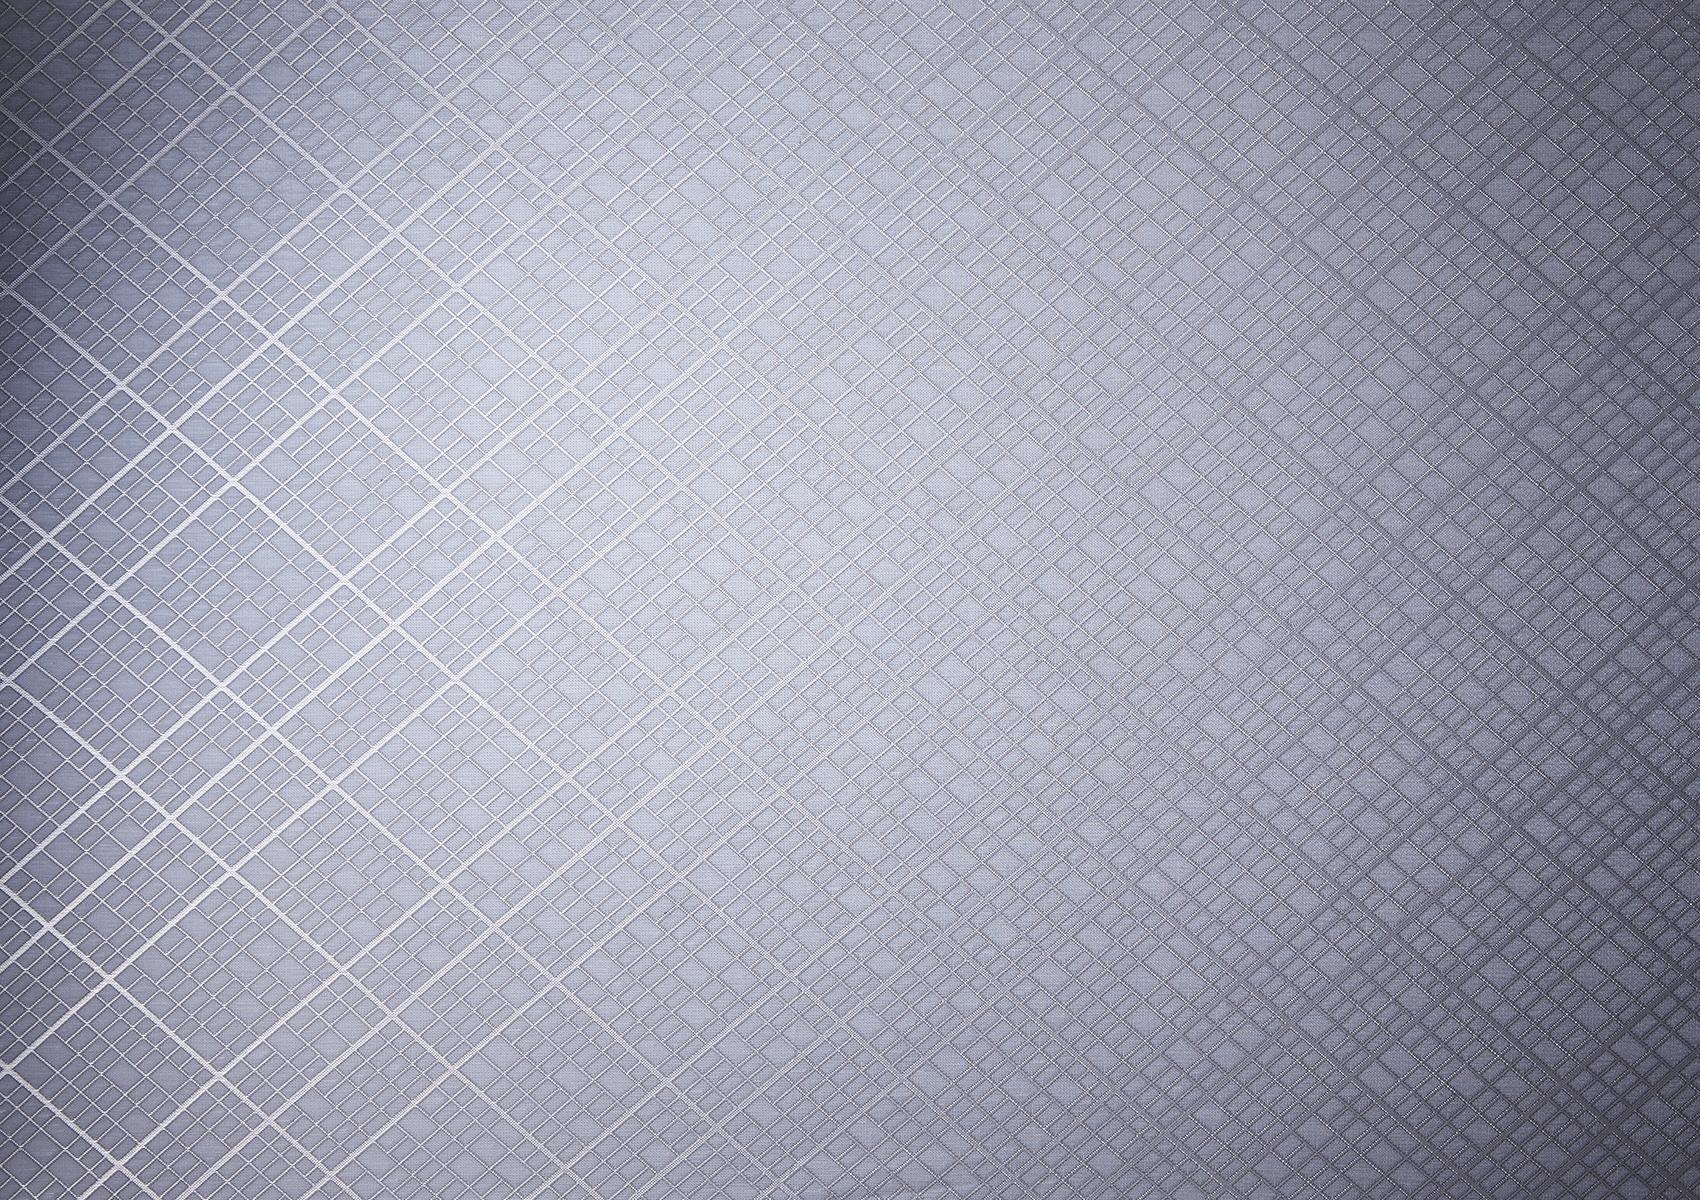 fabric_stone_ホワイトグレー